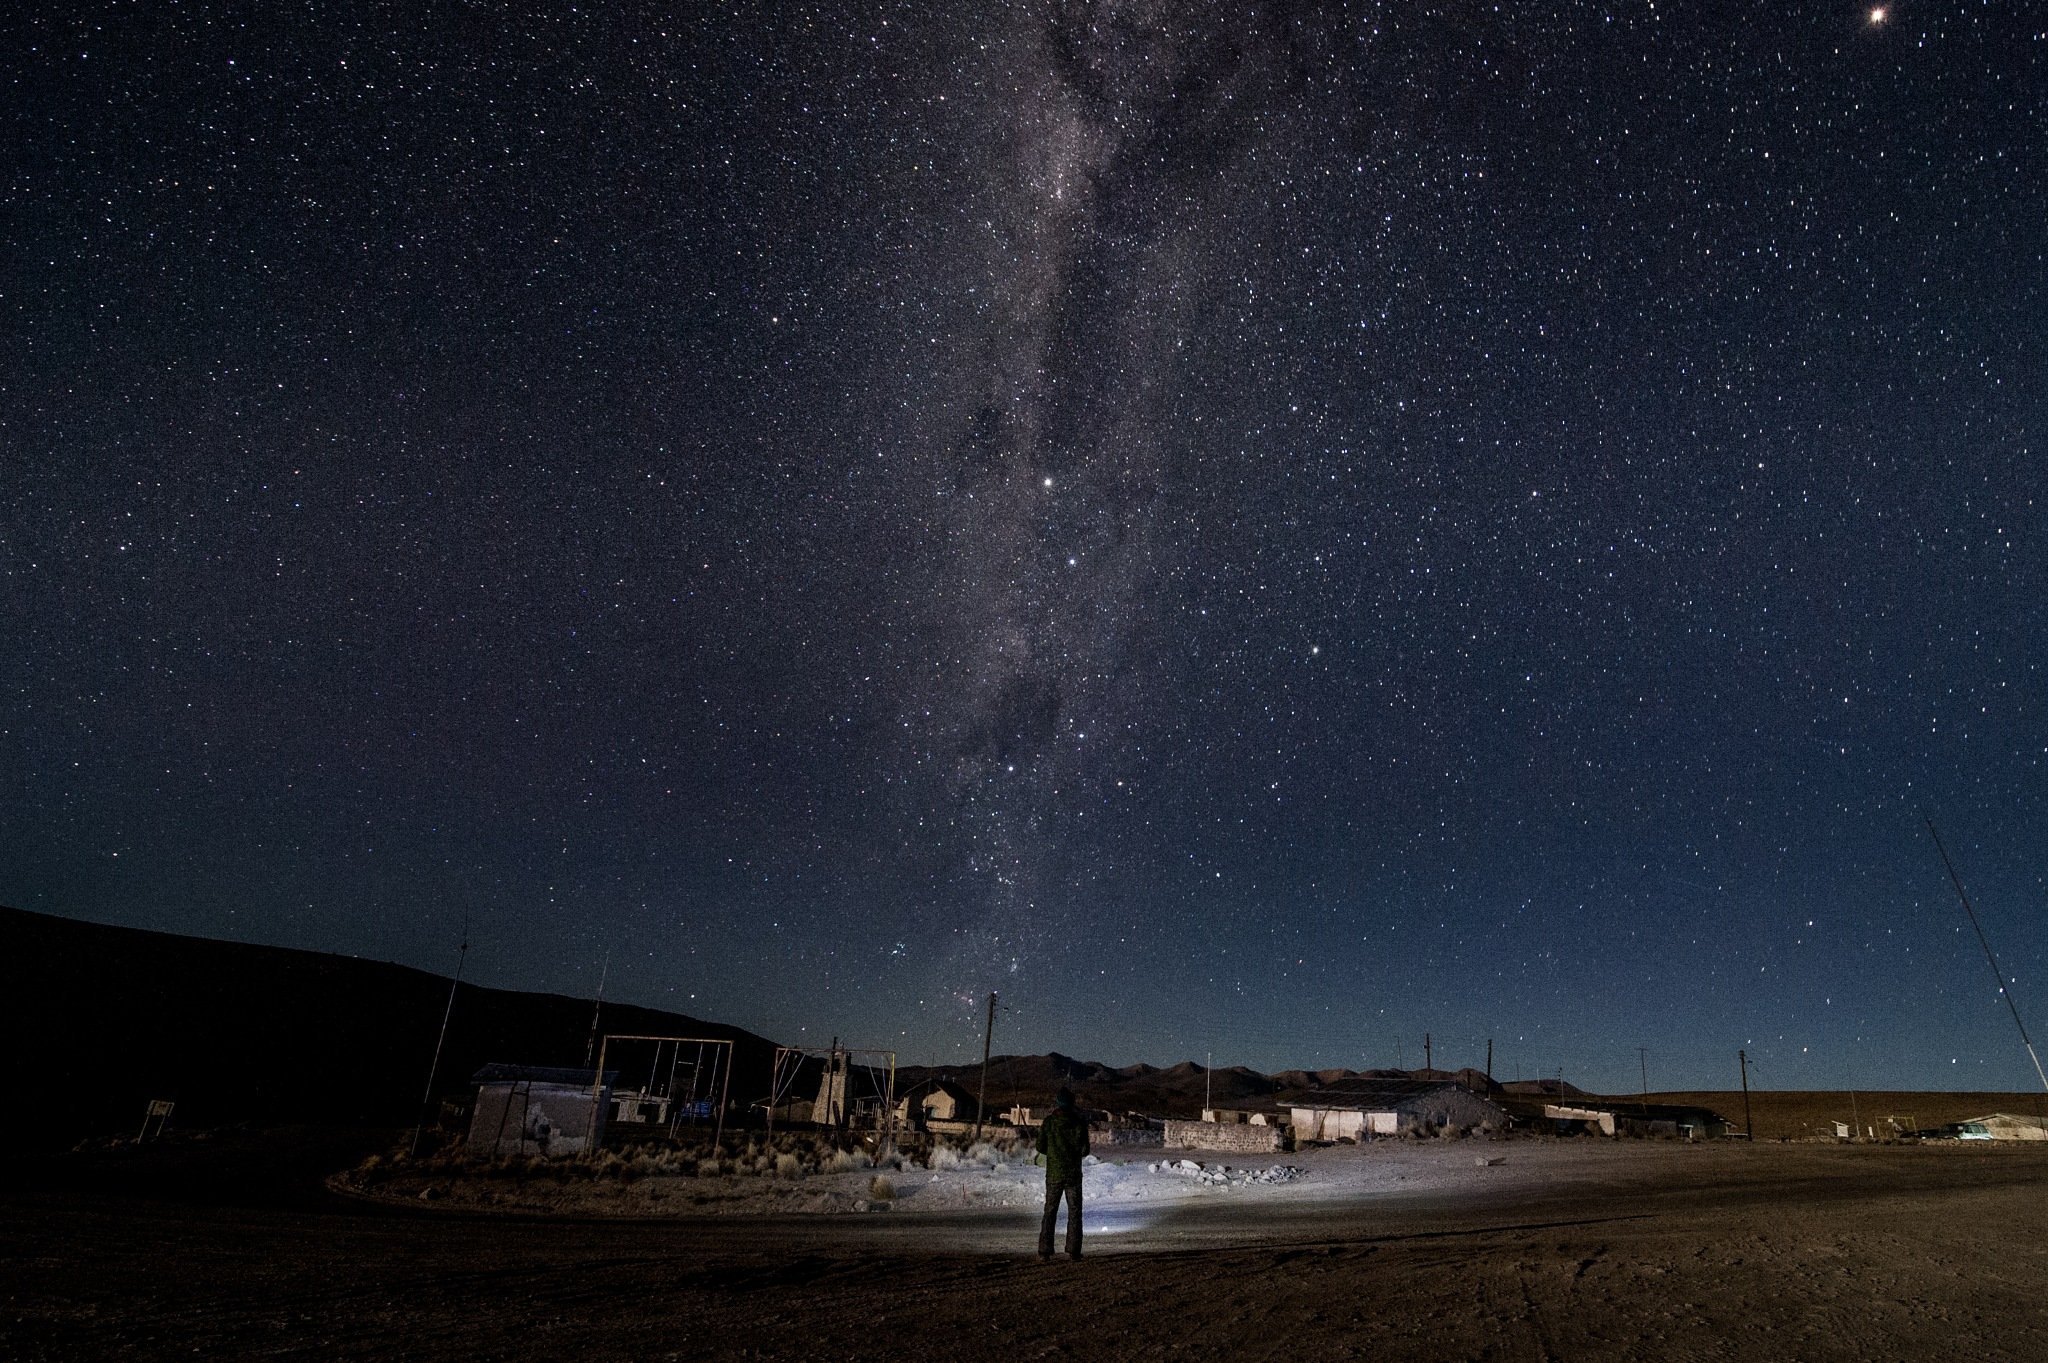 Guallatire Nights by Manuel Fuentes